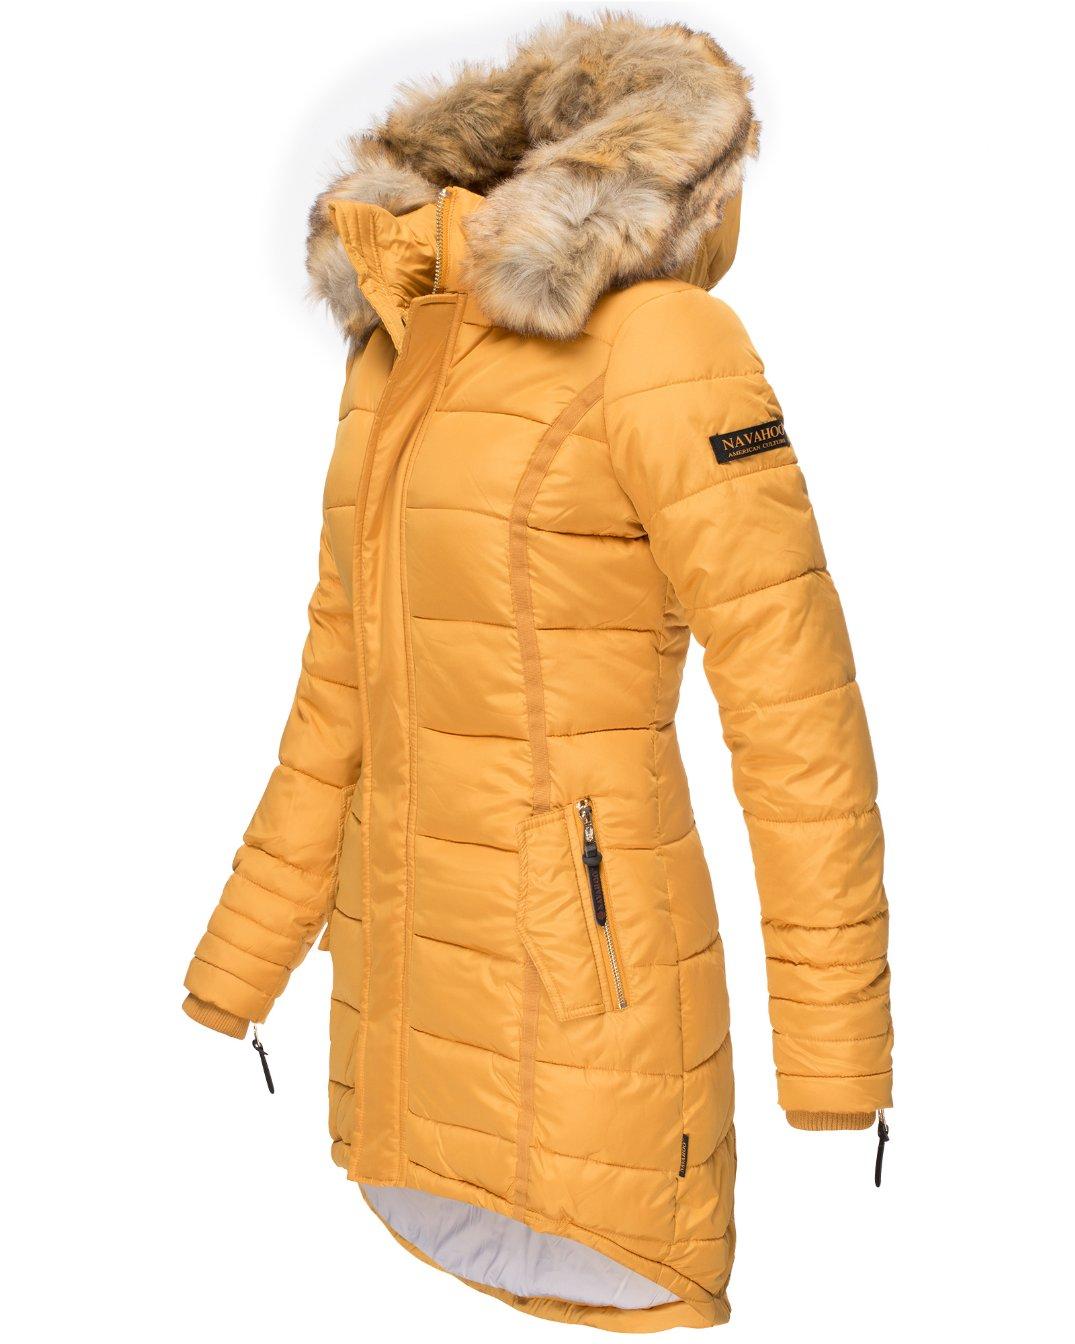 Papaya Navahoo Damen Wintermantel Gelb